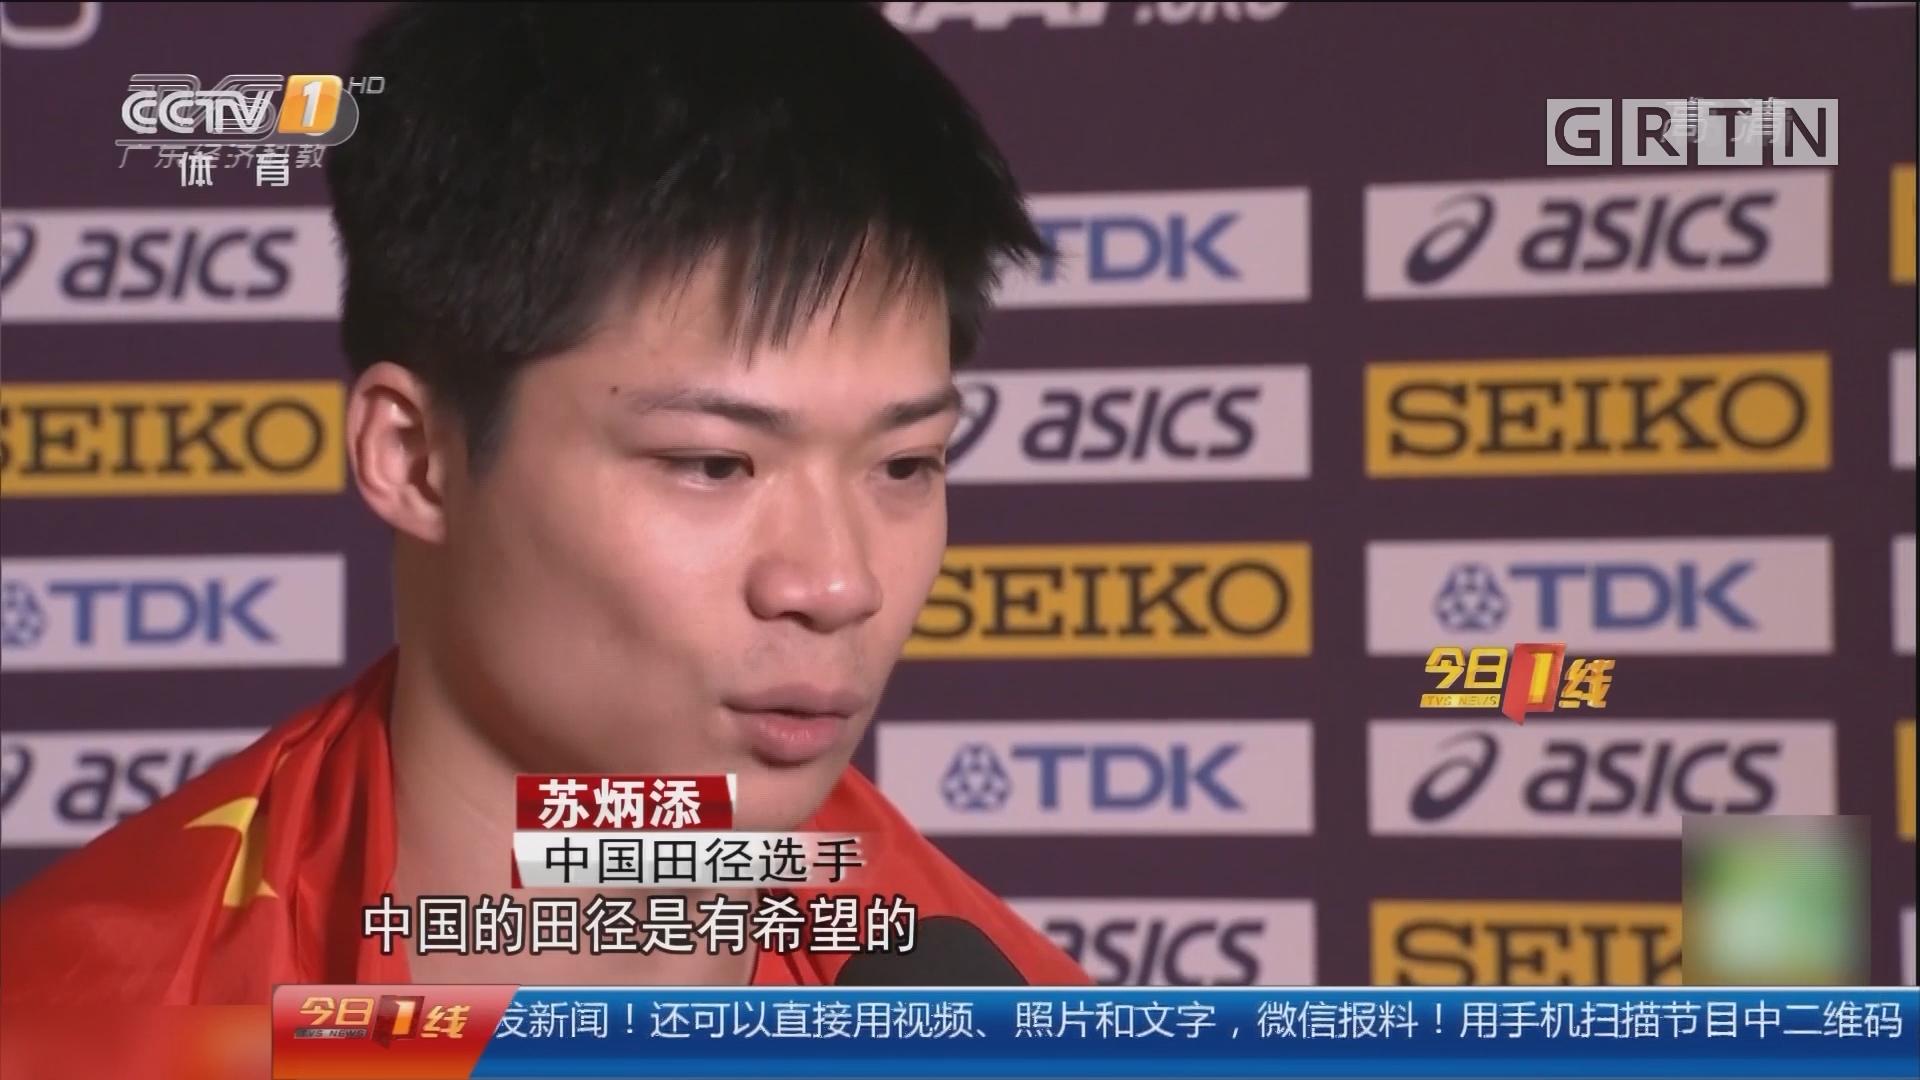 广东骄傲:苏炳添夺室内世锦赛60米银牌